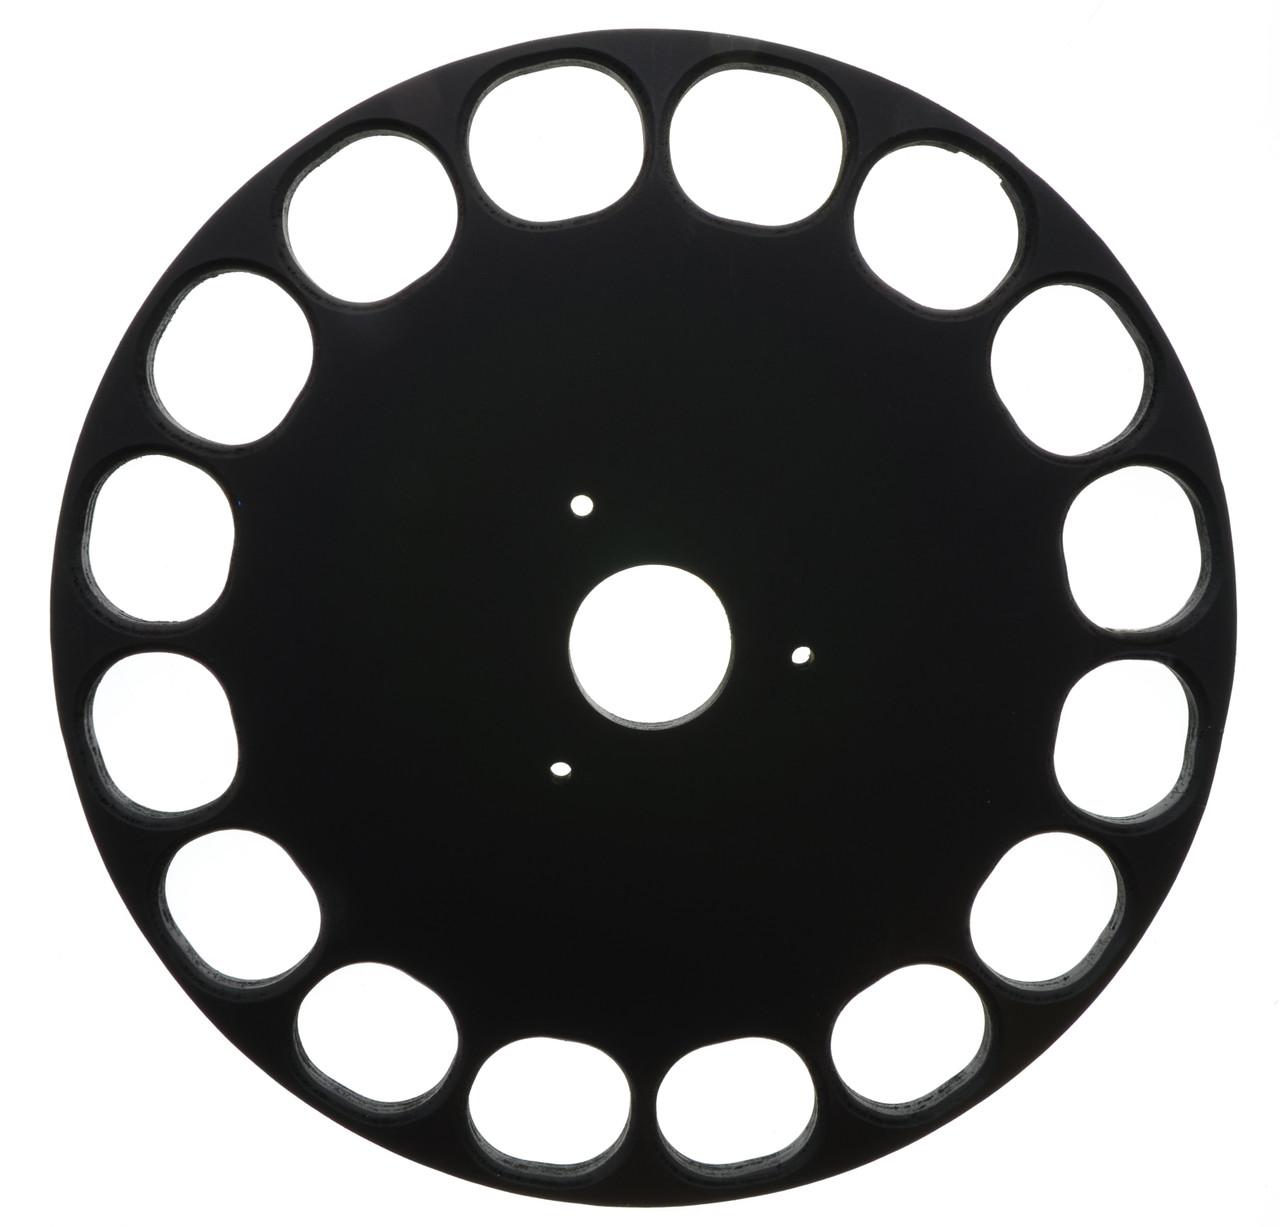 Let's Bounce Lifter Board / Wheel (PG1-FW-006-R0)